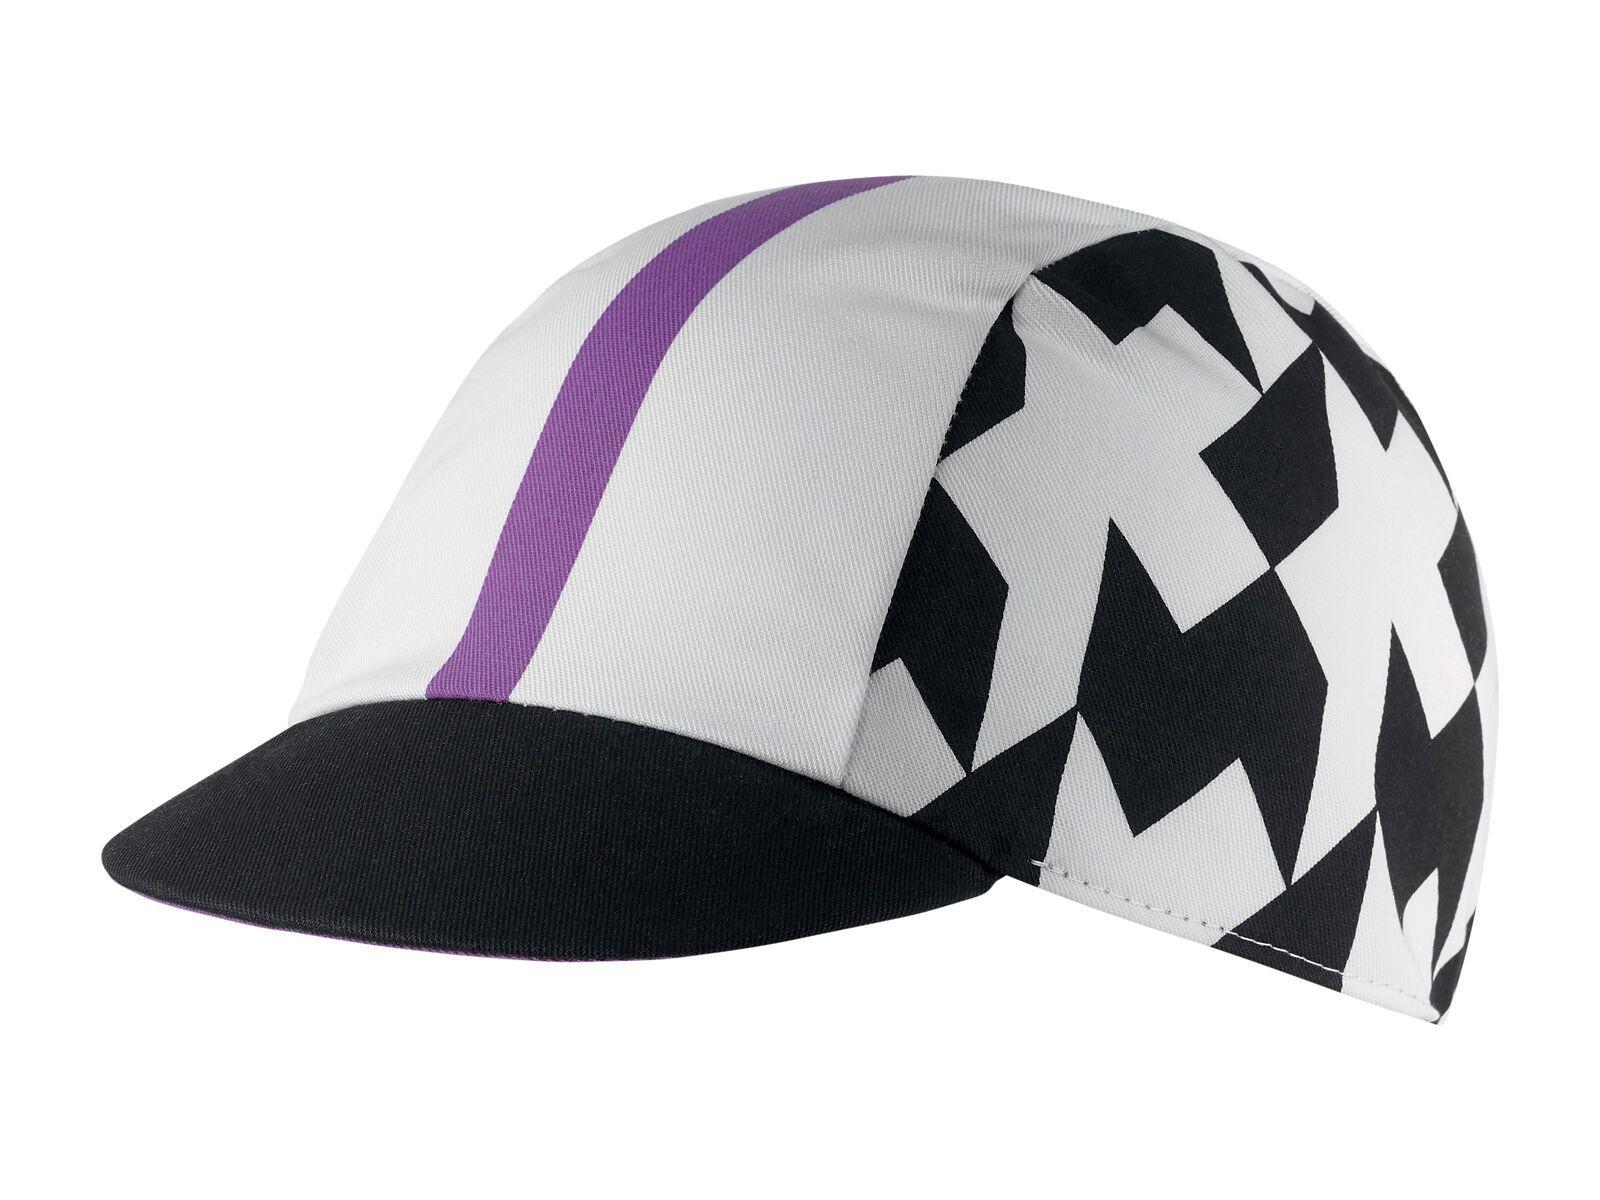 Assos Dyora RS Cap venus violet P13.70.749.4B.OS